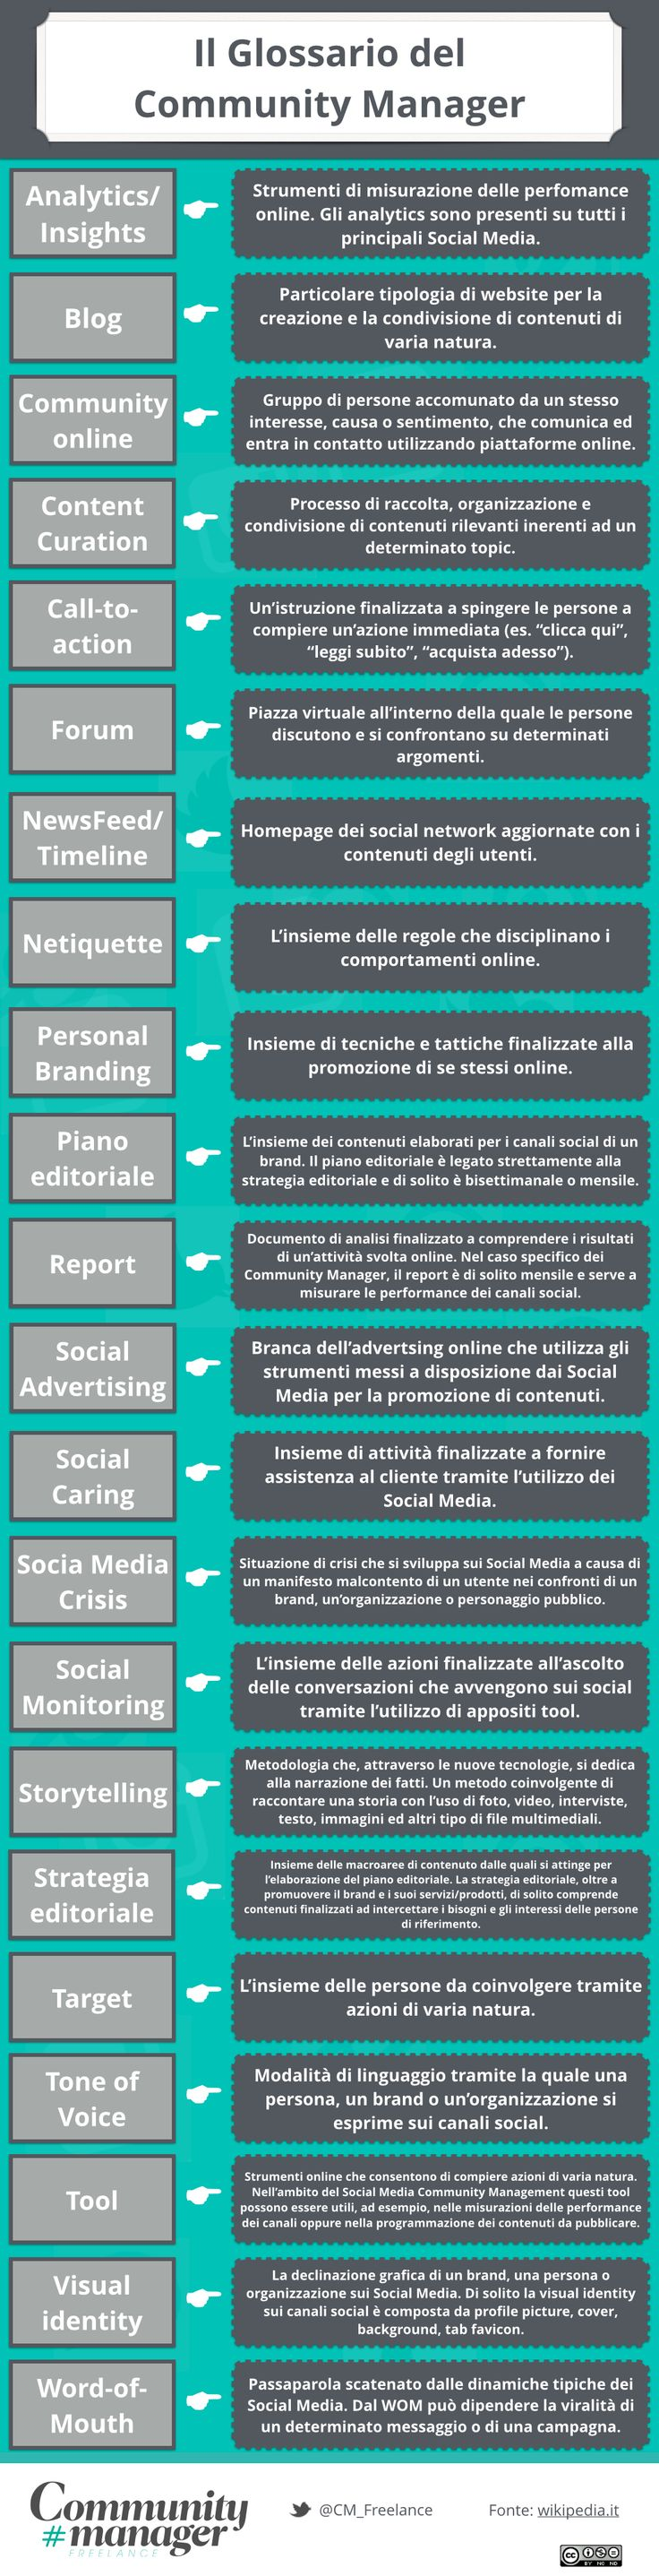 Il Glossario del #CommunityManager [infografica]